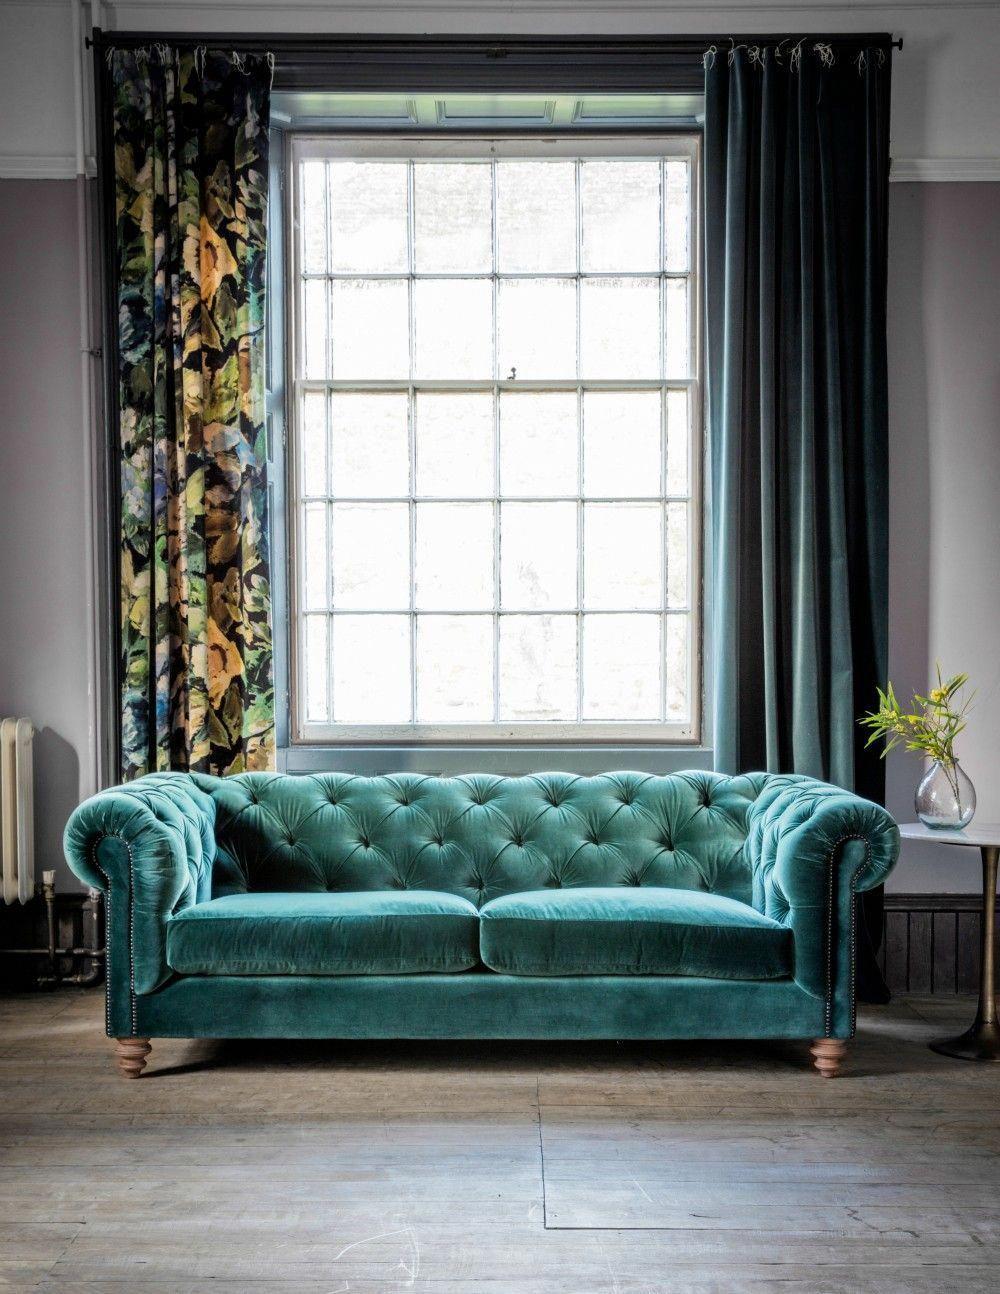 Www Roseandgrey Co Uk Velvet Chesterfield Sofa 4 Colours Available Nosto Nosto Page Product1 Livingroommodern Salotto Grigio Soggiorno Blu Tende Soggiorno